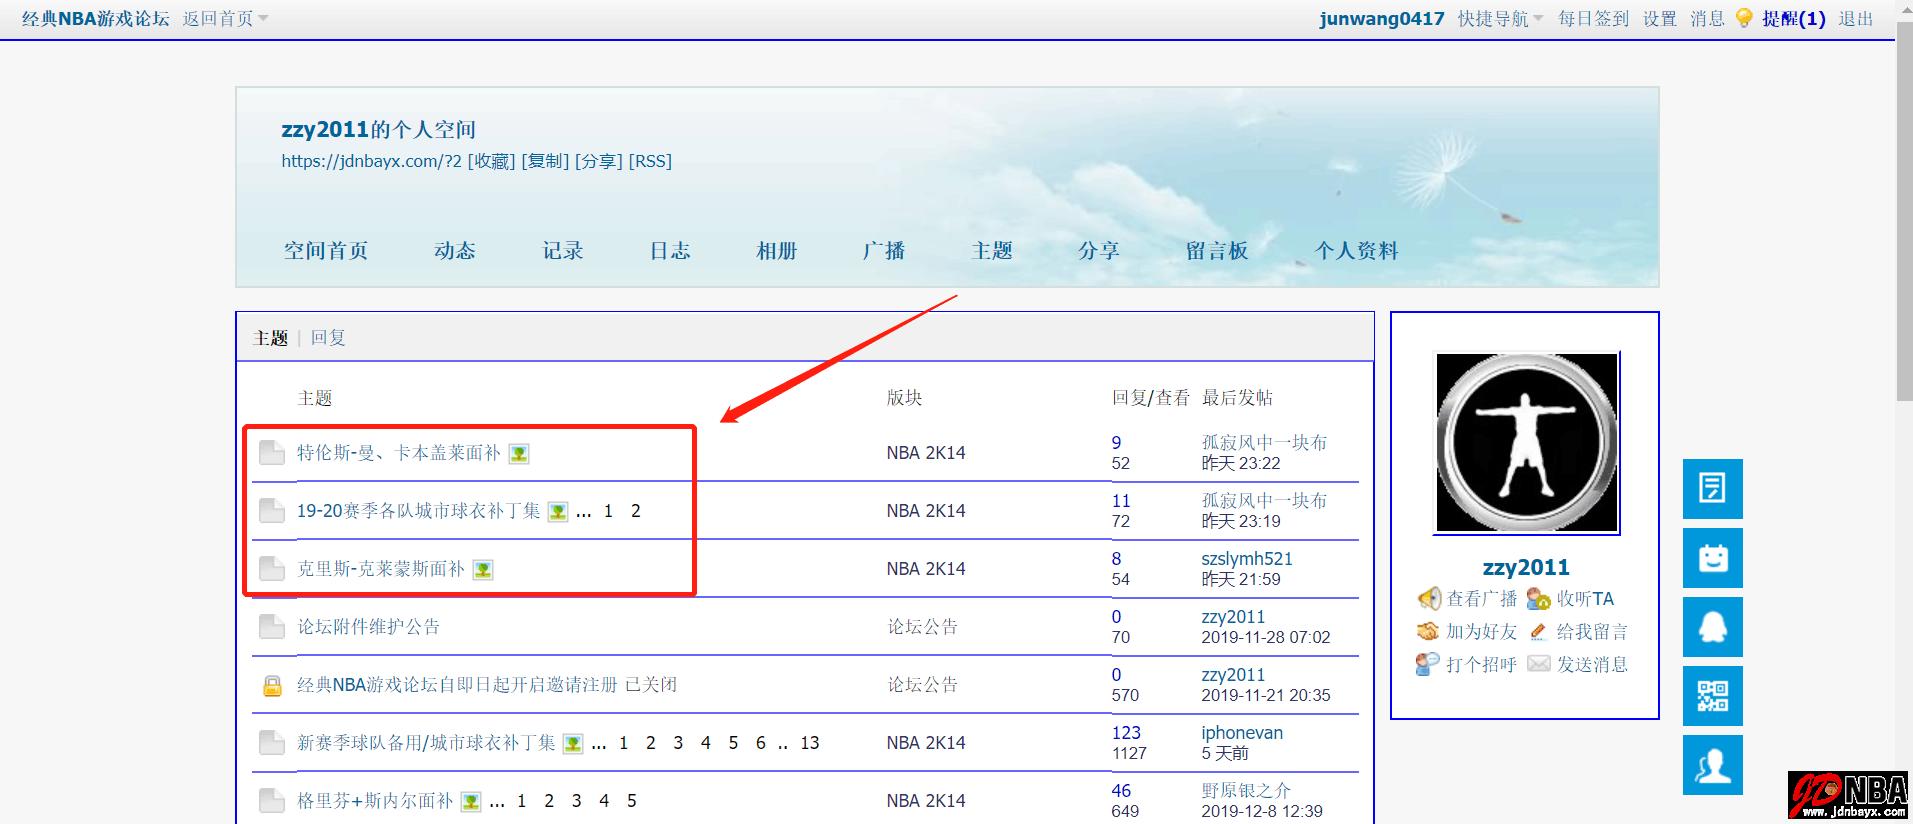 ]6BHZ[(WL(BU5TW9@B1K(%Y.png